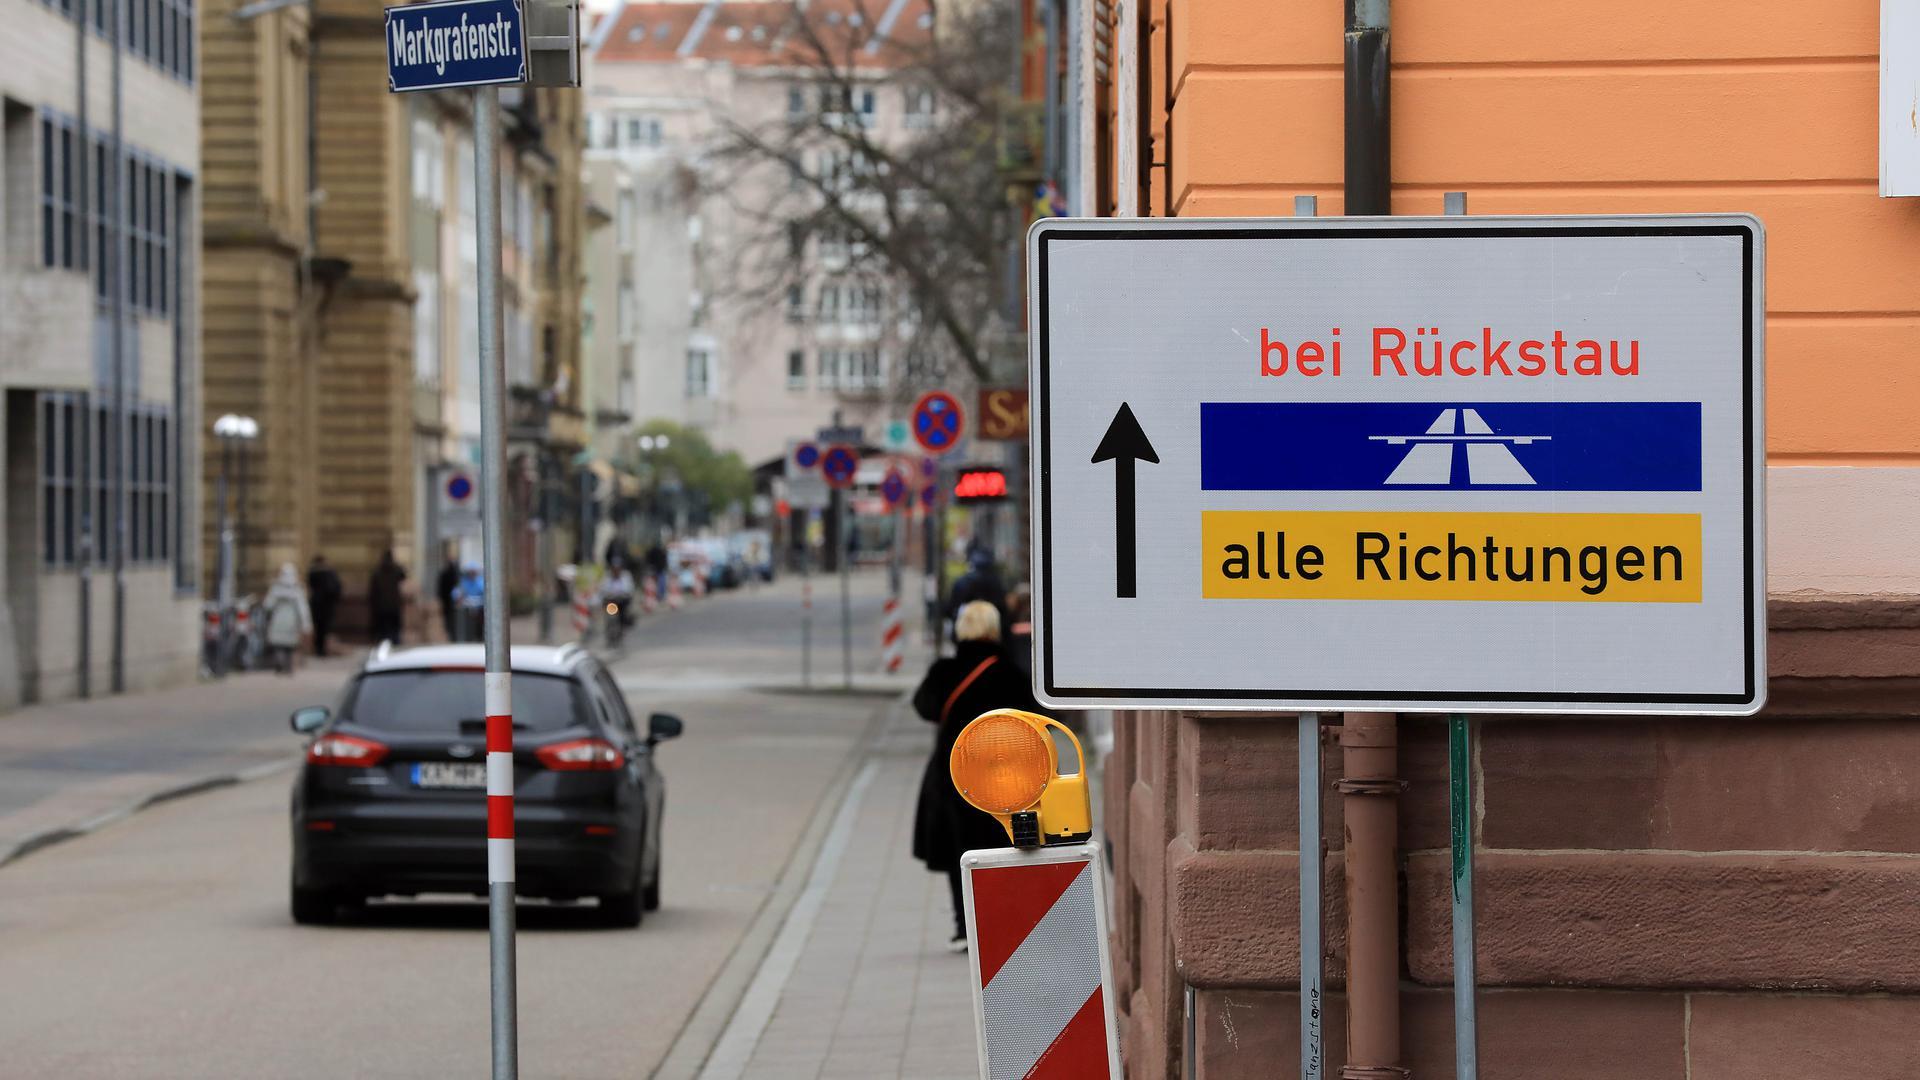 Freie Bahn: In der Weihnachtszeit dürfen die Autofahrer vom Rondellplatz über die Markgrafenstraße am sonst gesperrten Lidellplatz (hinten) vorbei nach dem Einkauf die City verlassen.